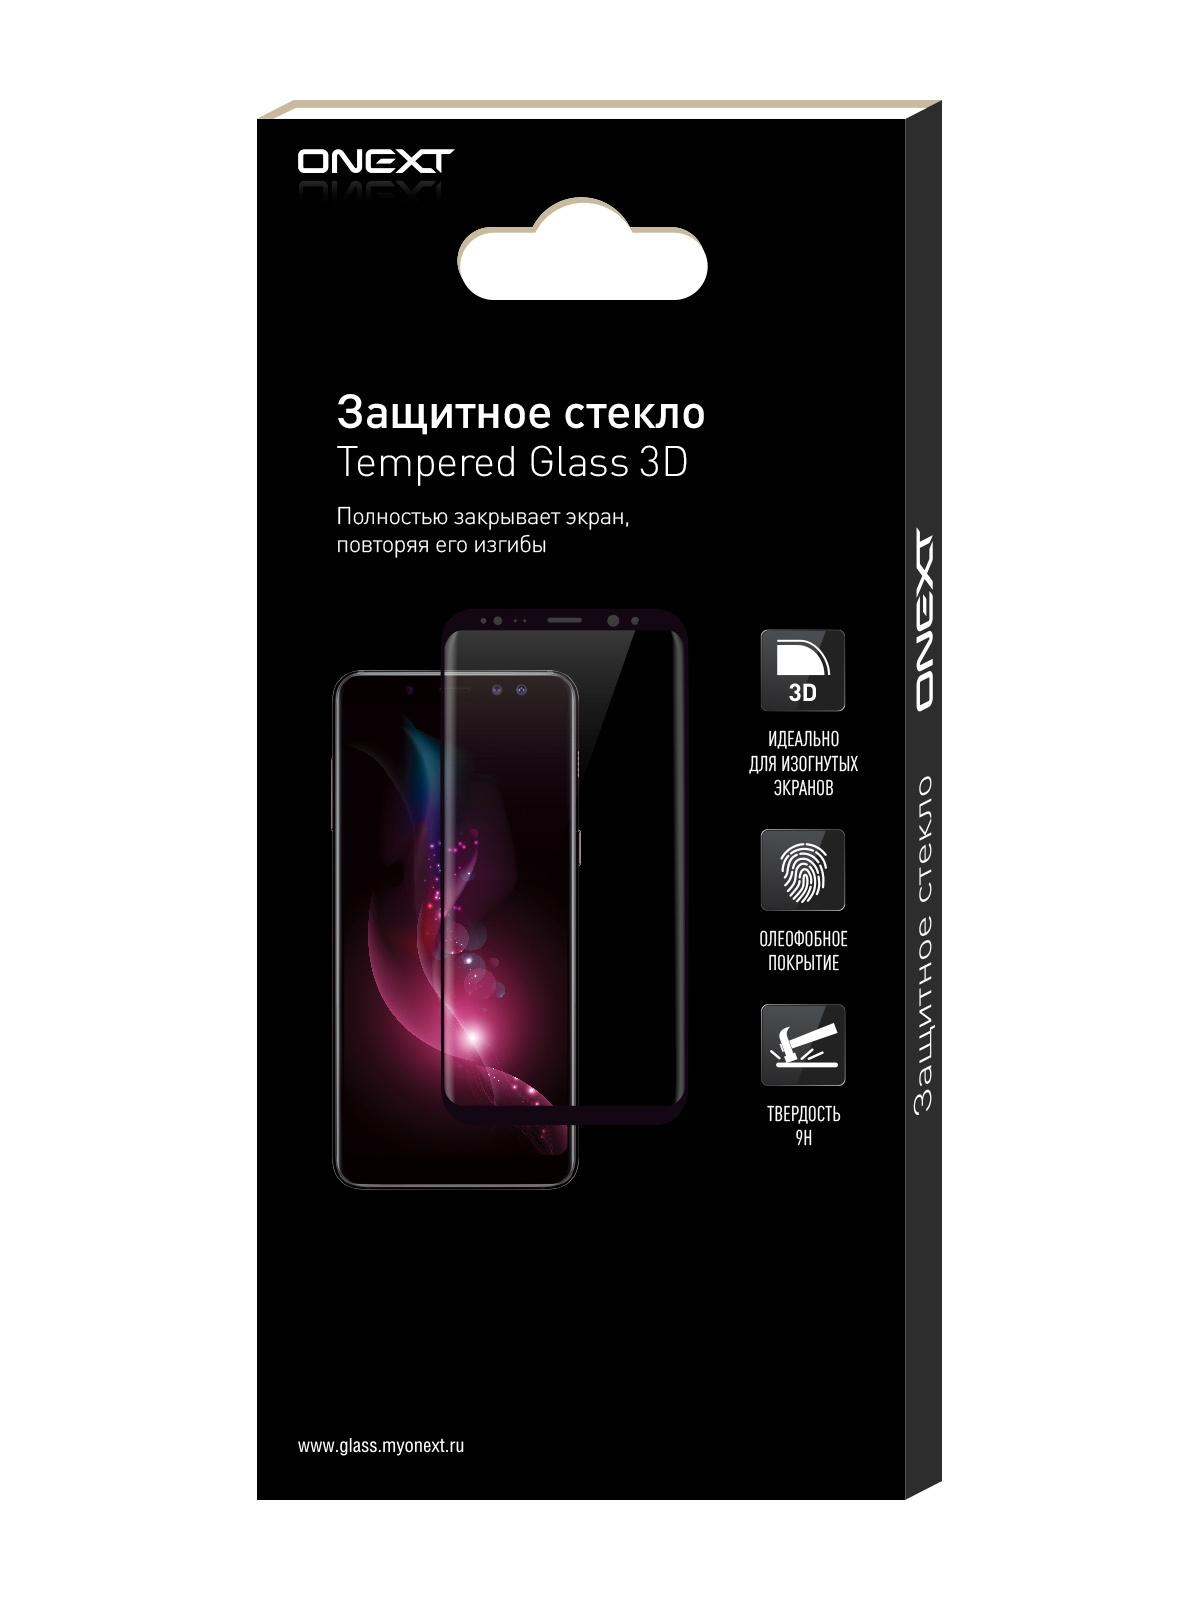 Защитное стекло ONEXT Samsung Galaxy S7 Edge 3D с рамкой защитное стекло для samsung g935f galaxy s7 edge onext 3d на весь экран с серебристой рамкой